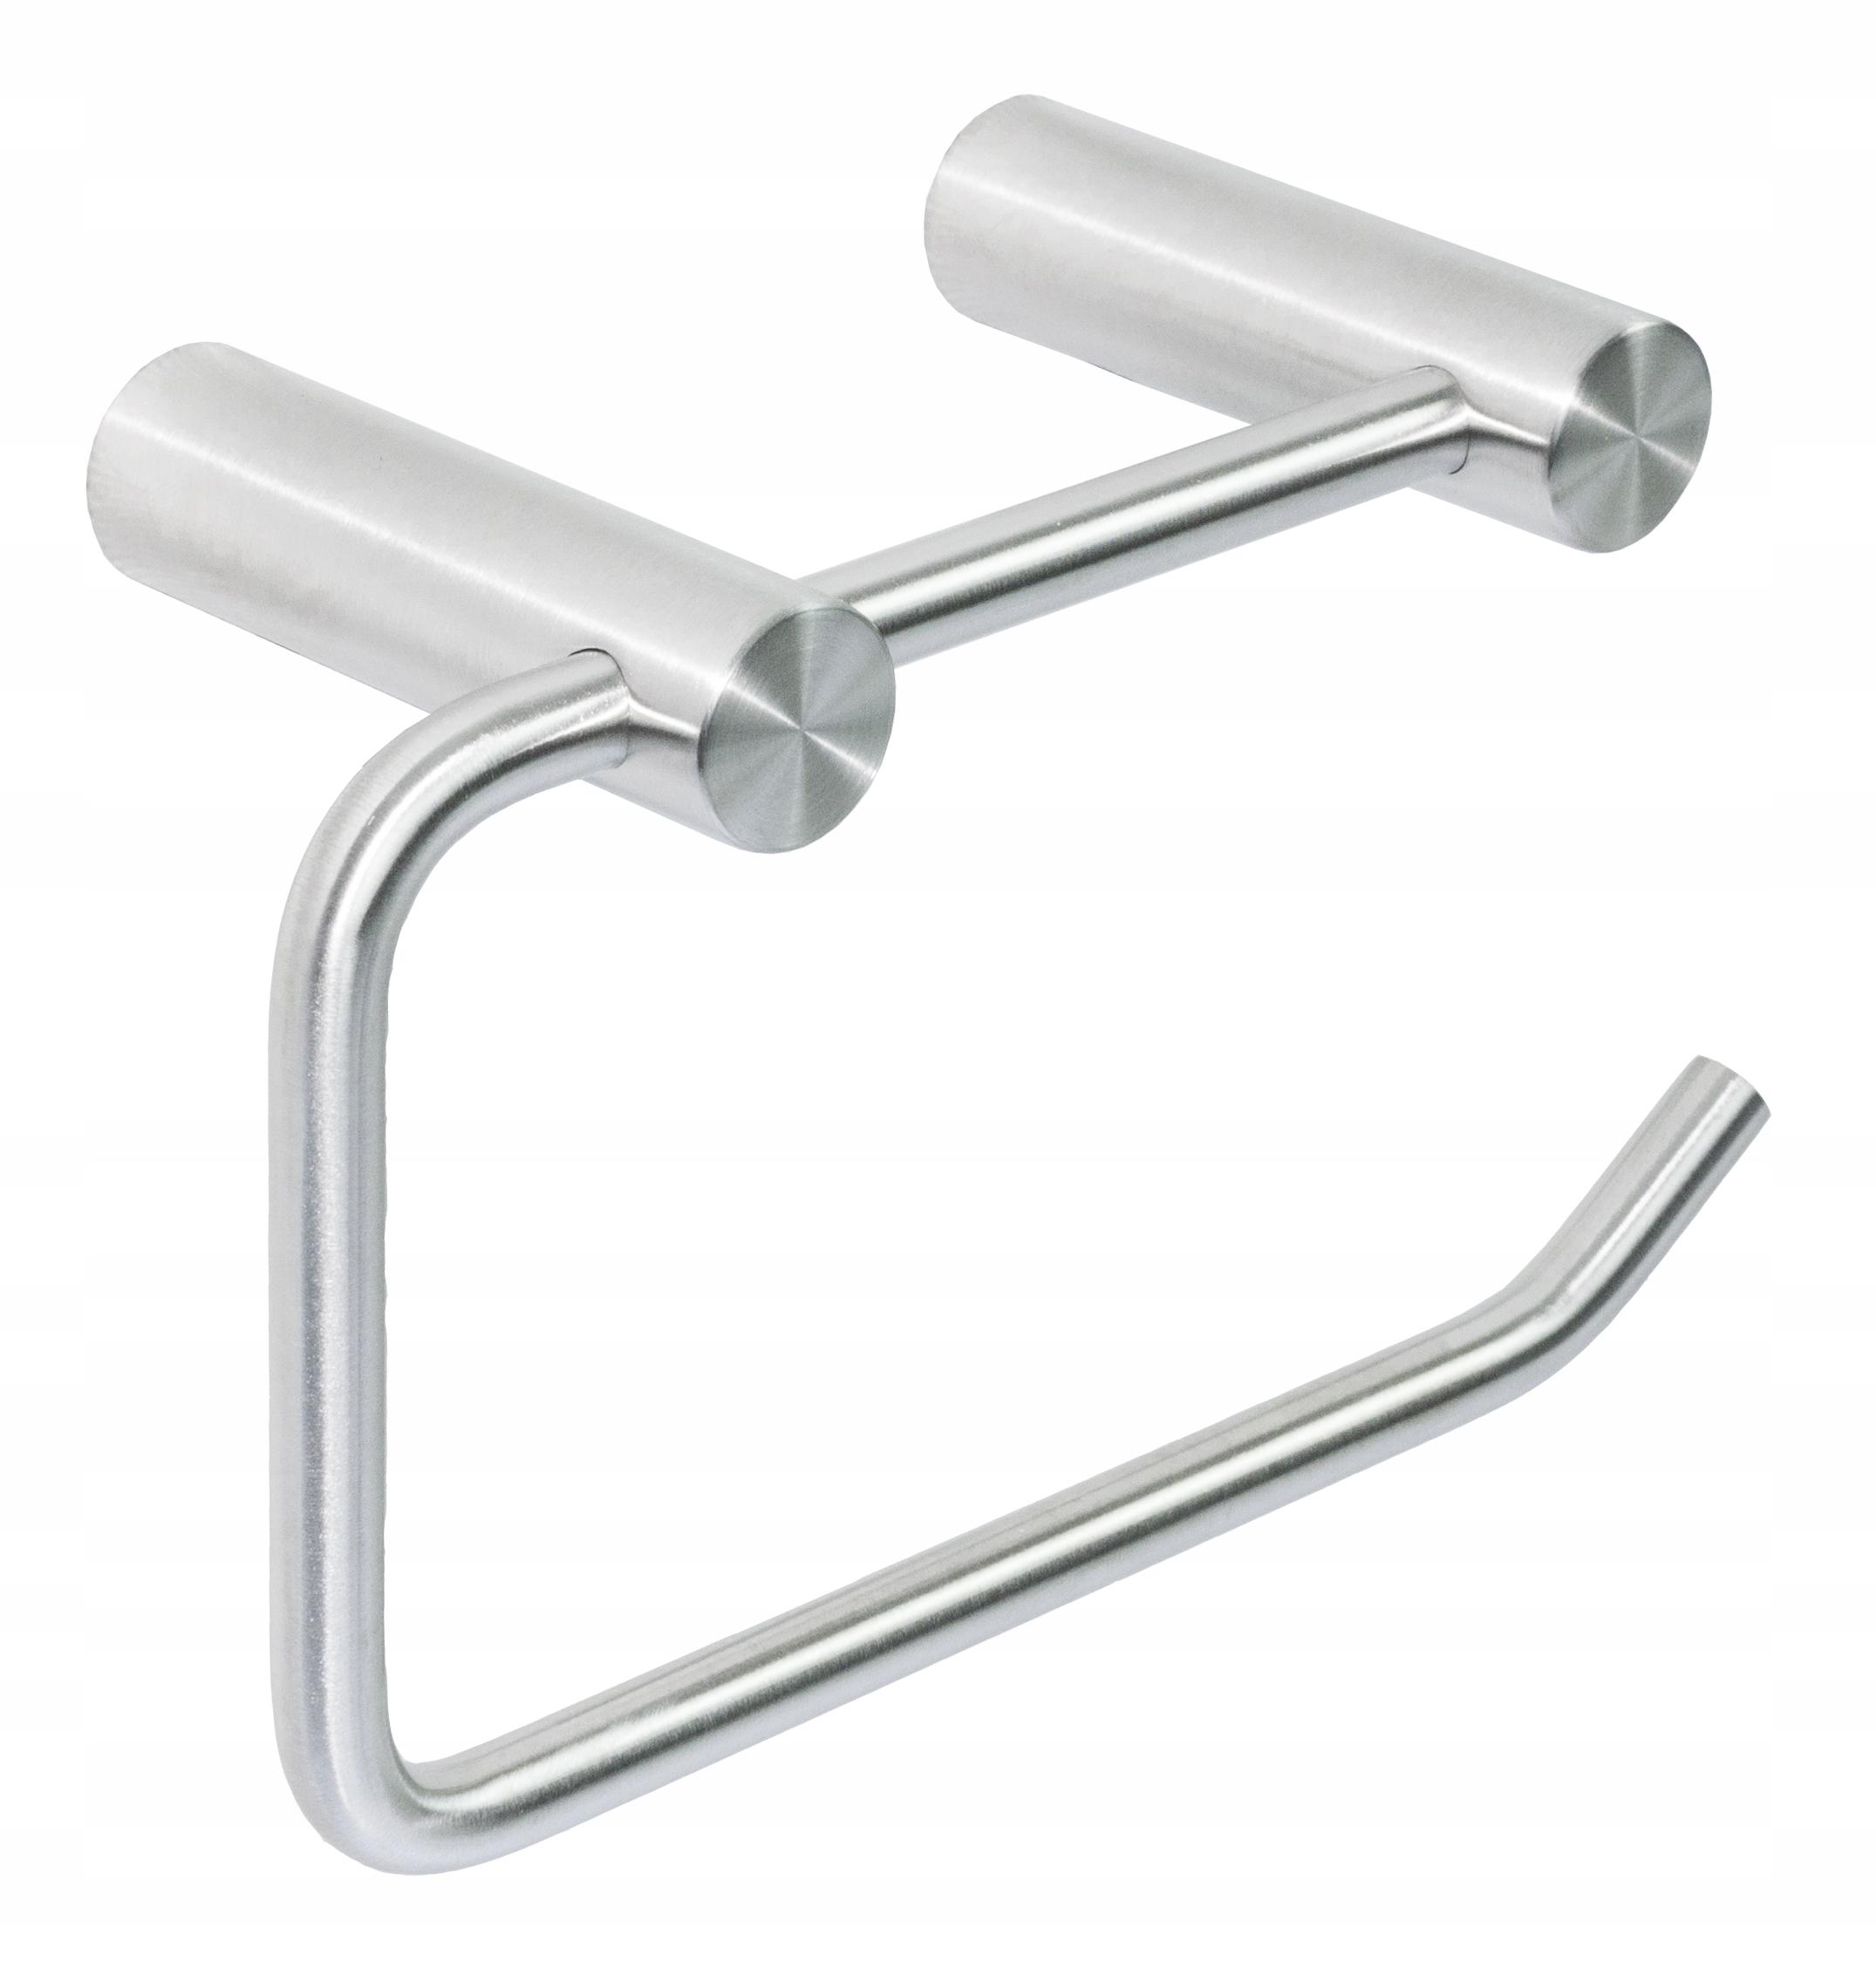 НАСТЕННЫЙ держатель для рулонов туалетной бумаги - Onyx